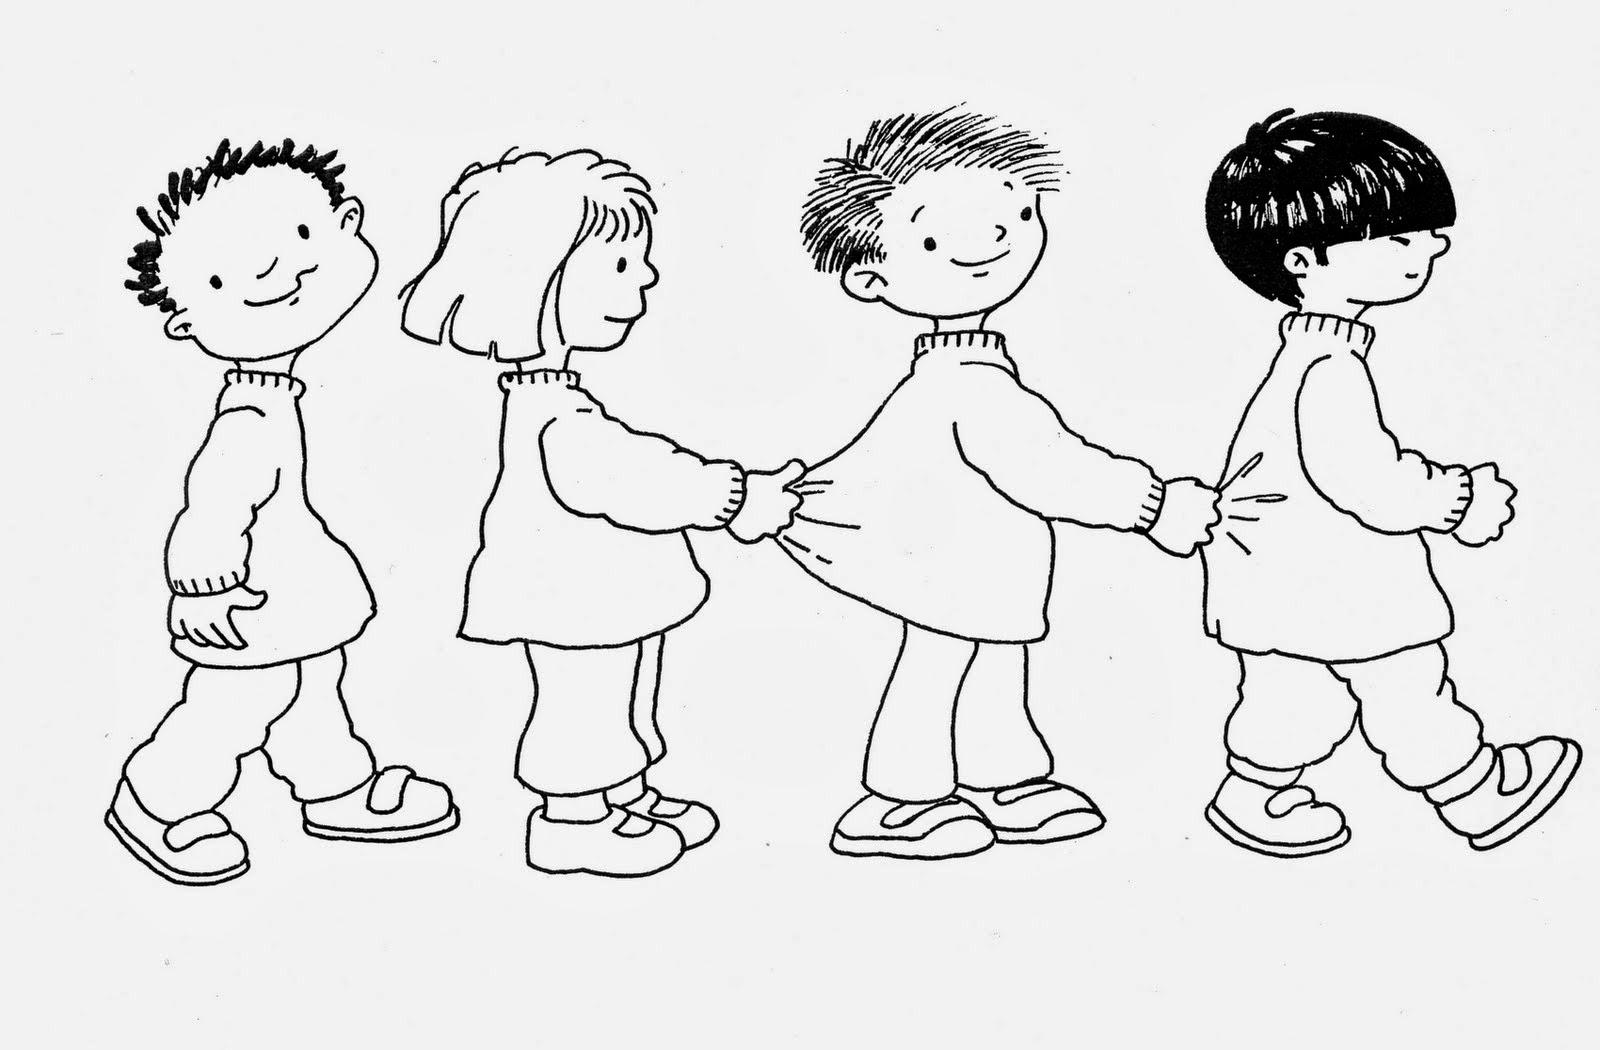 Imágenes de Niños en fila para colorear e Imprimir | Material para ...